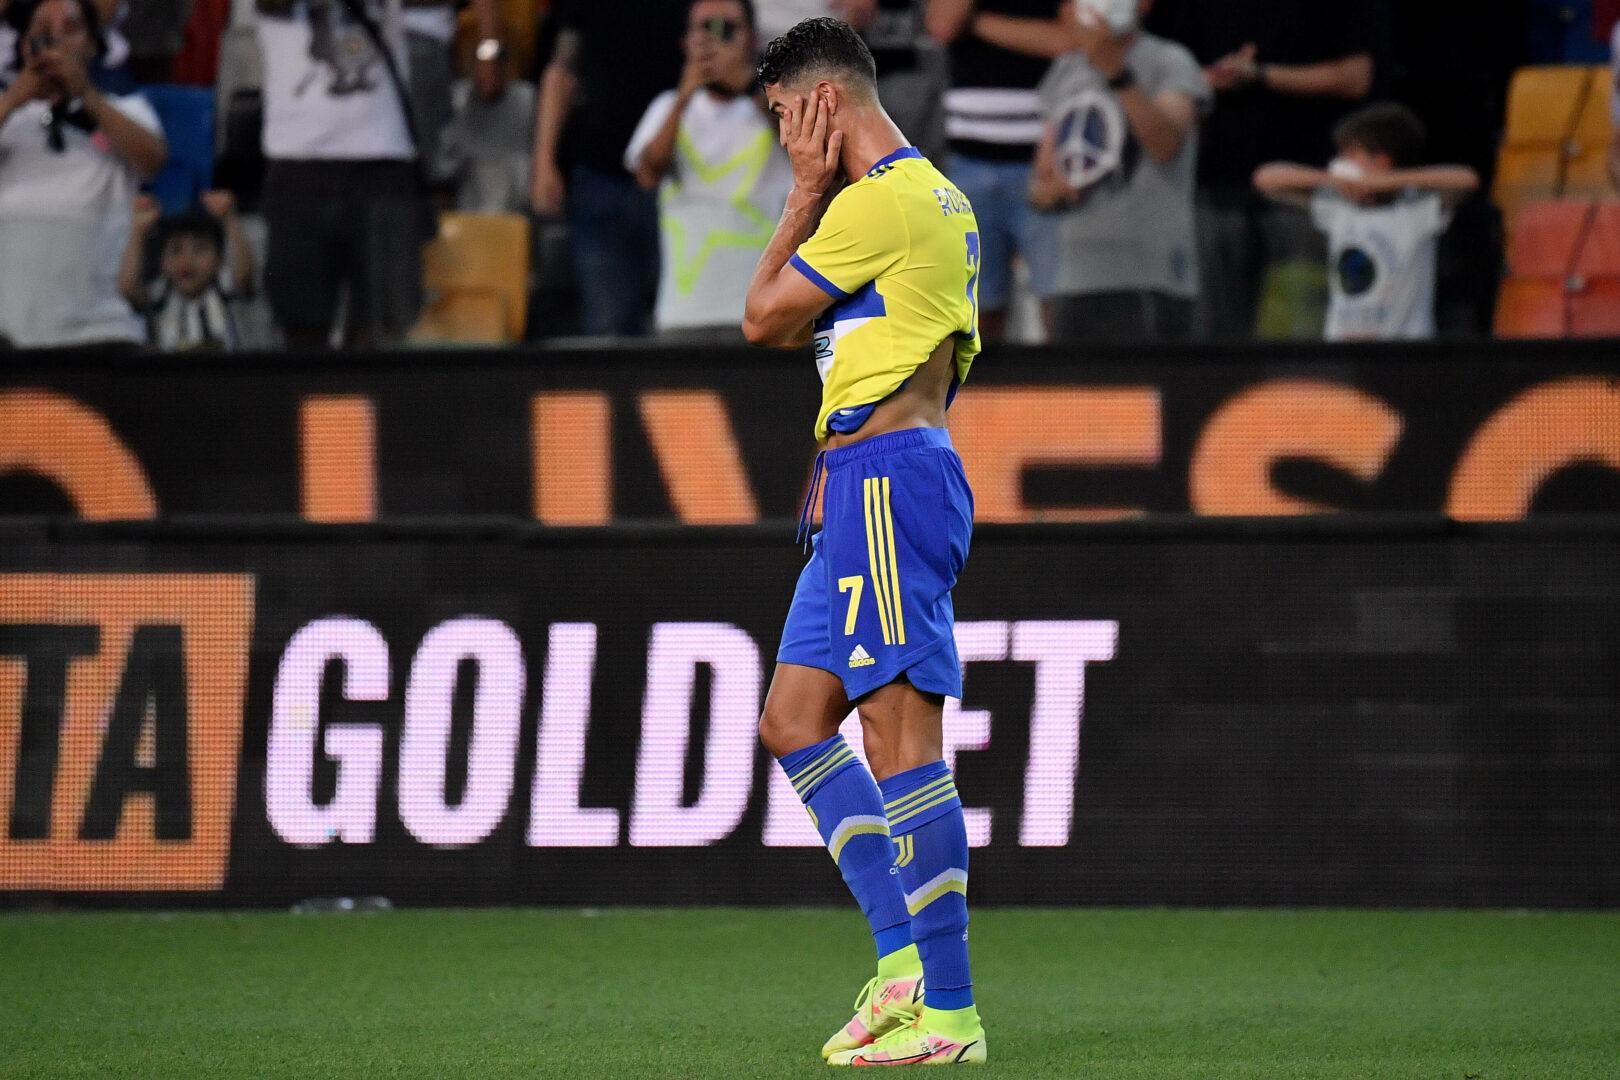 Cristiano Ronaldo (Juventus Turin) Tor wurde von VAR aberkannt